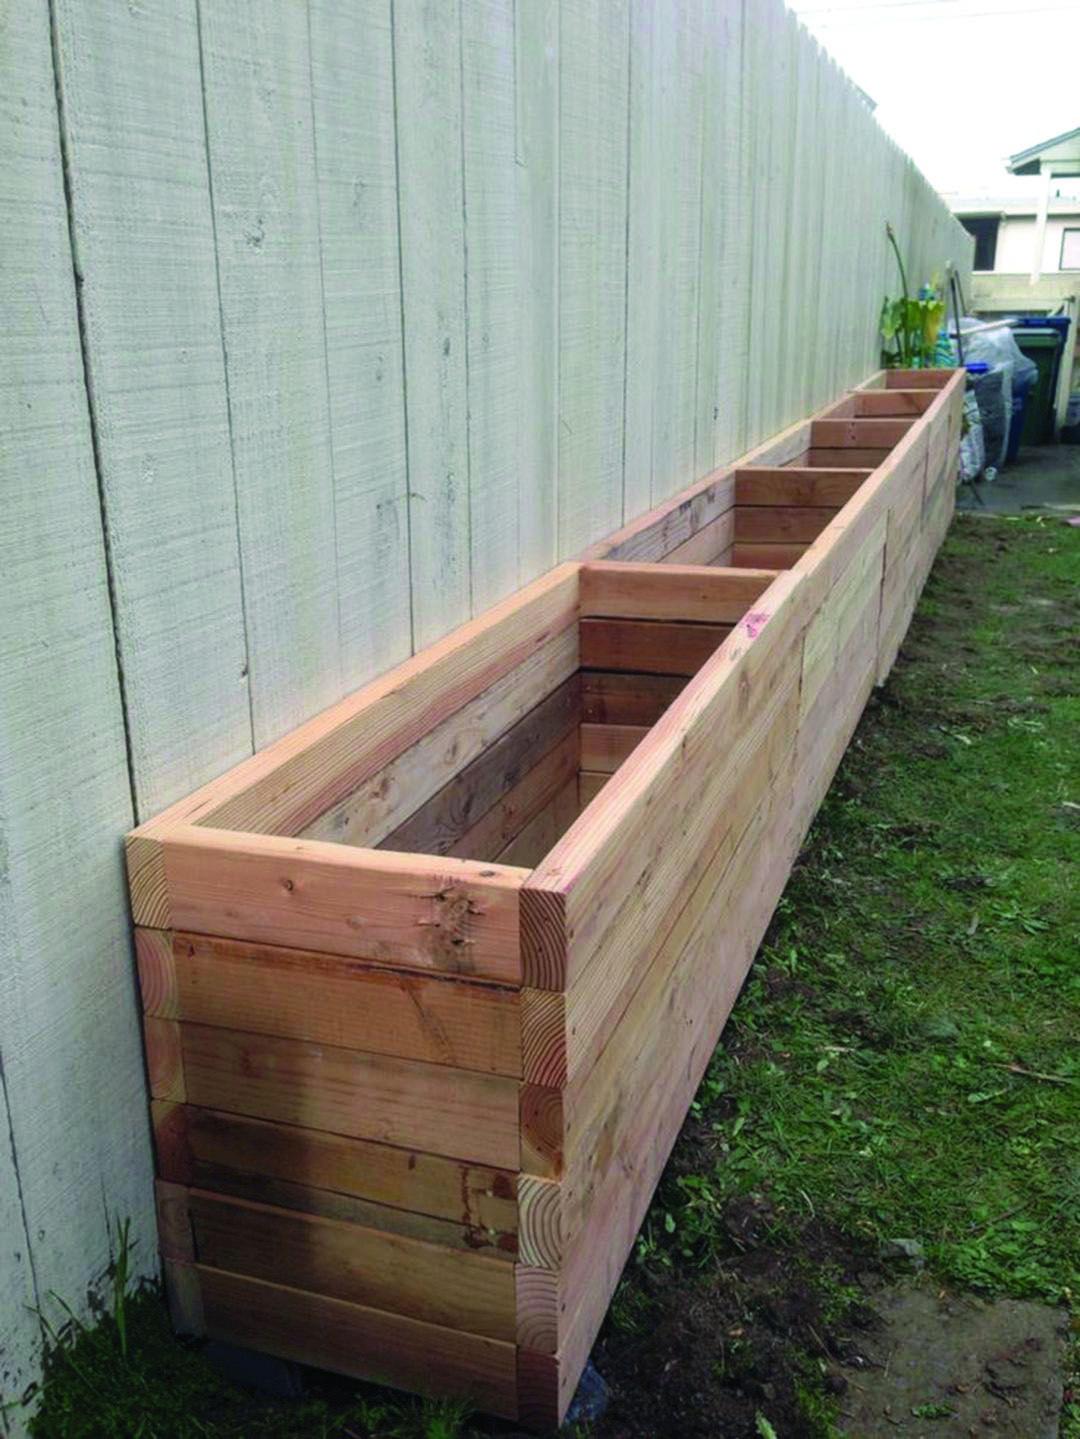 Exceptional Diy Farmer Box Program Designs As Well As Concepts Dova Home Diy Garden Fence Diy Raised Garden Diy Wooden Planters